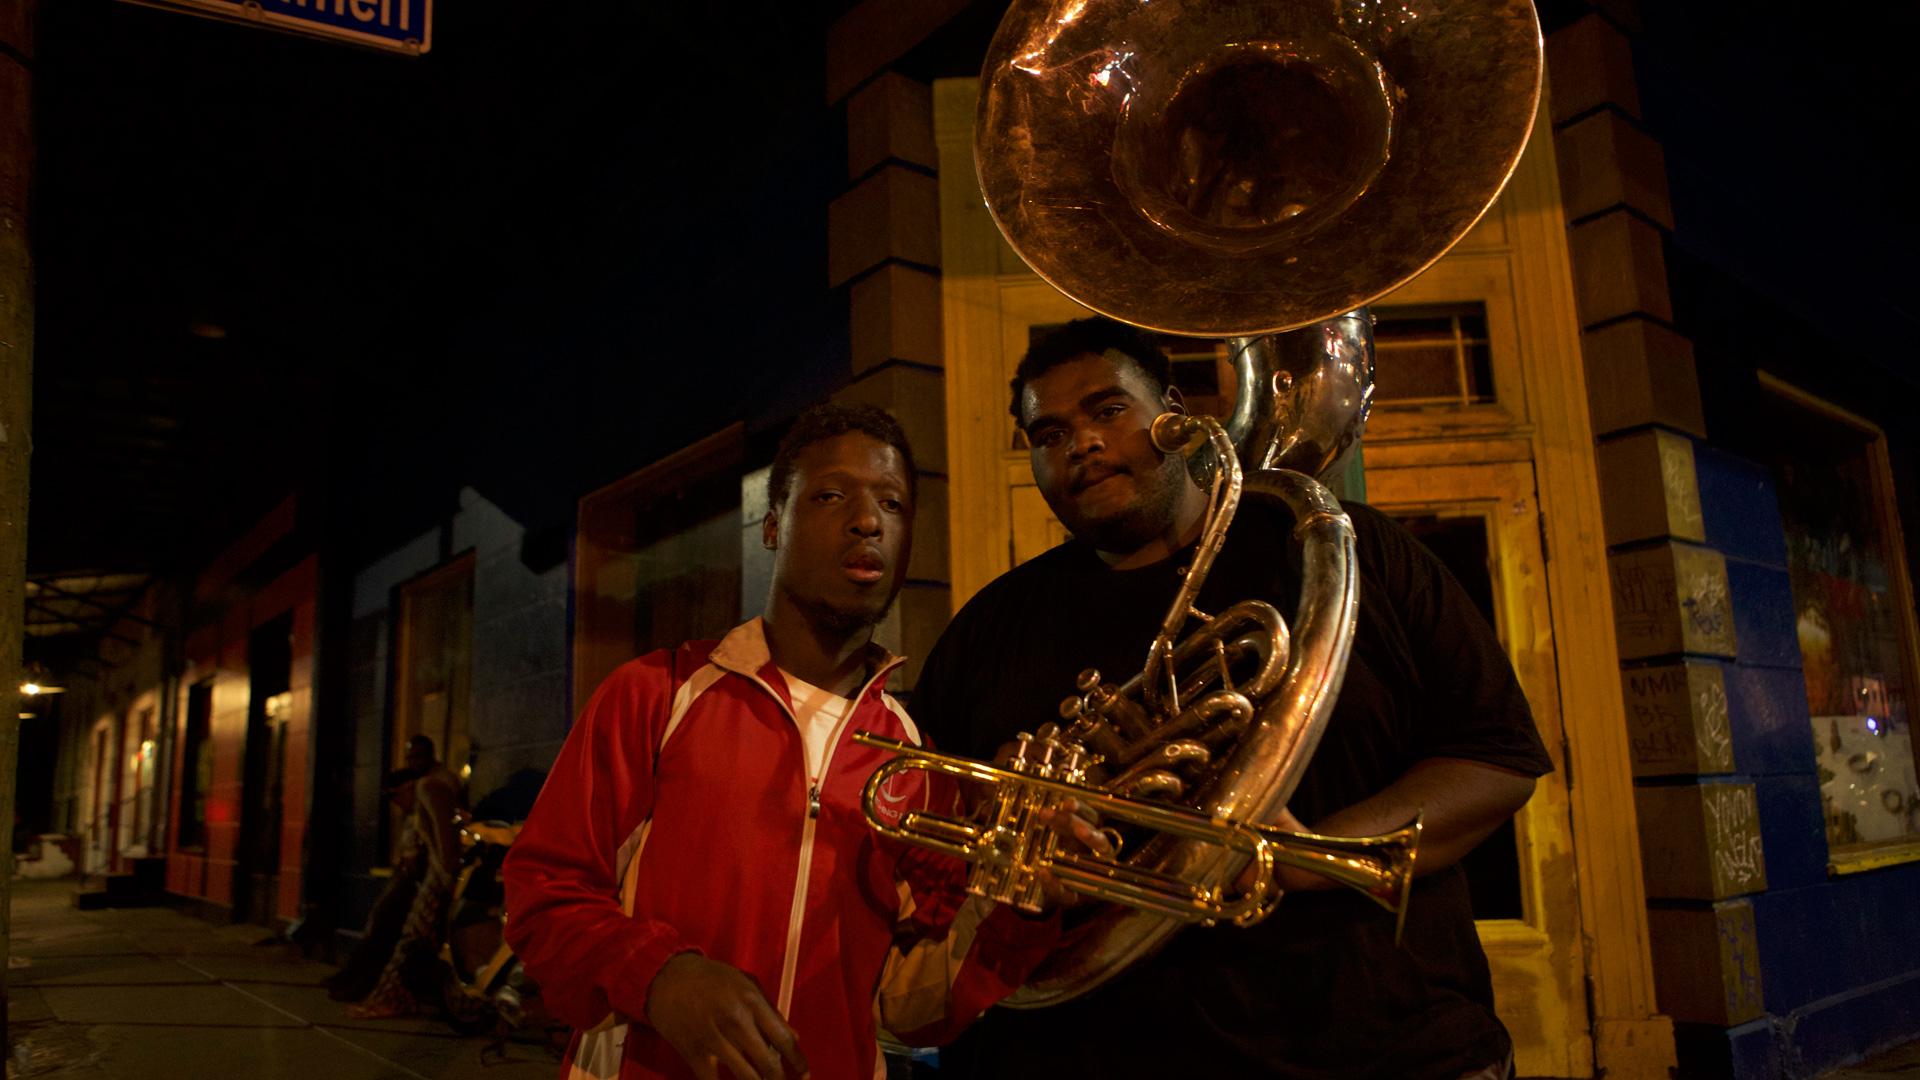 Musicisti di strada, New Orleans 2015